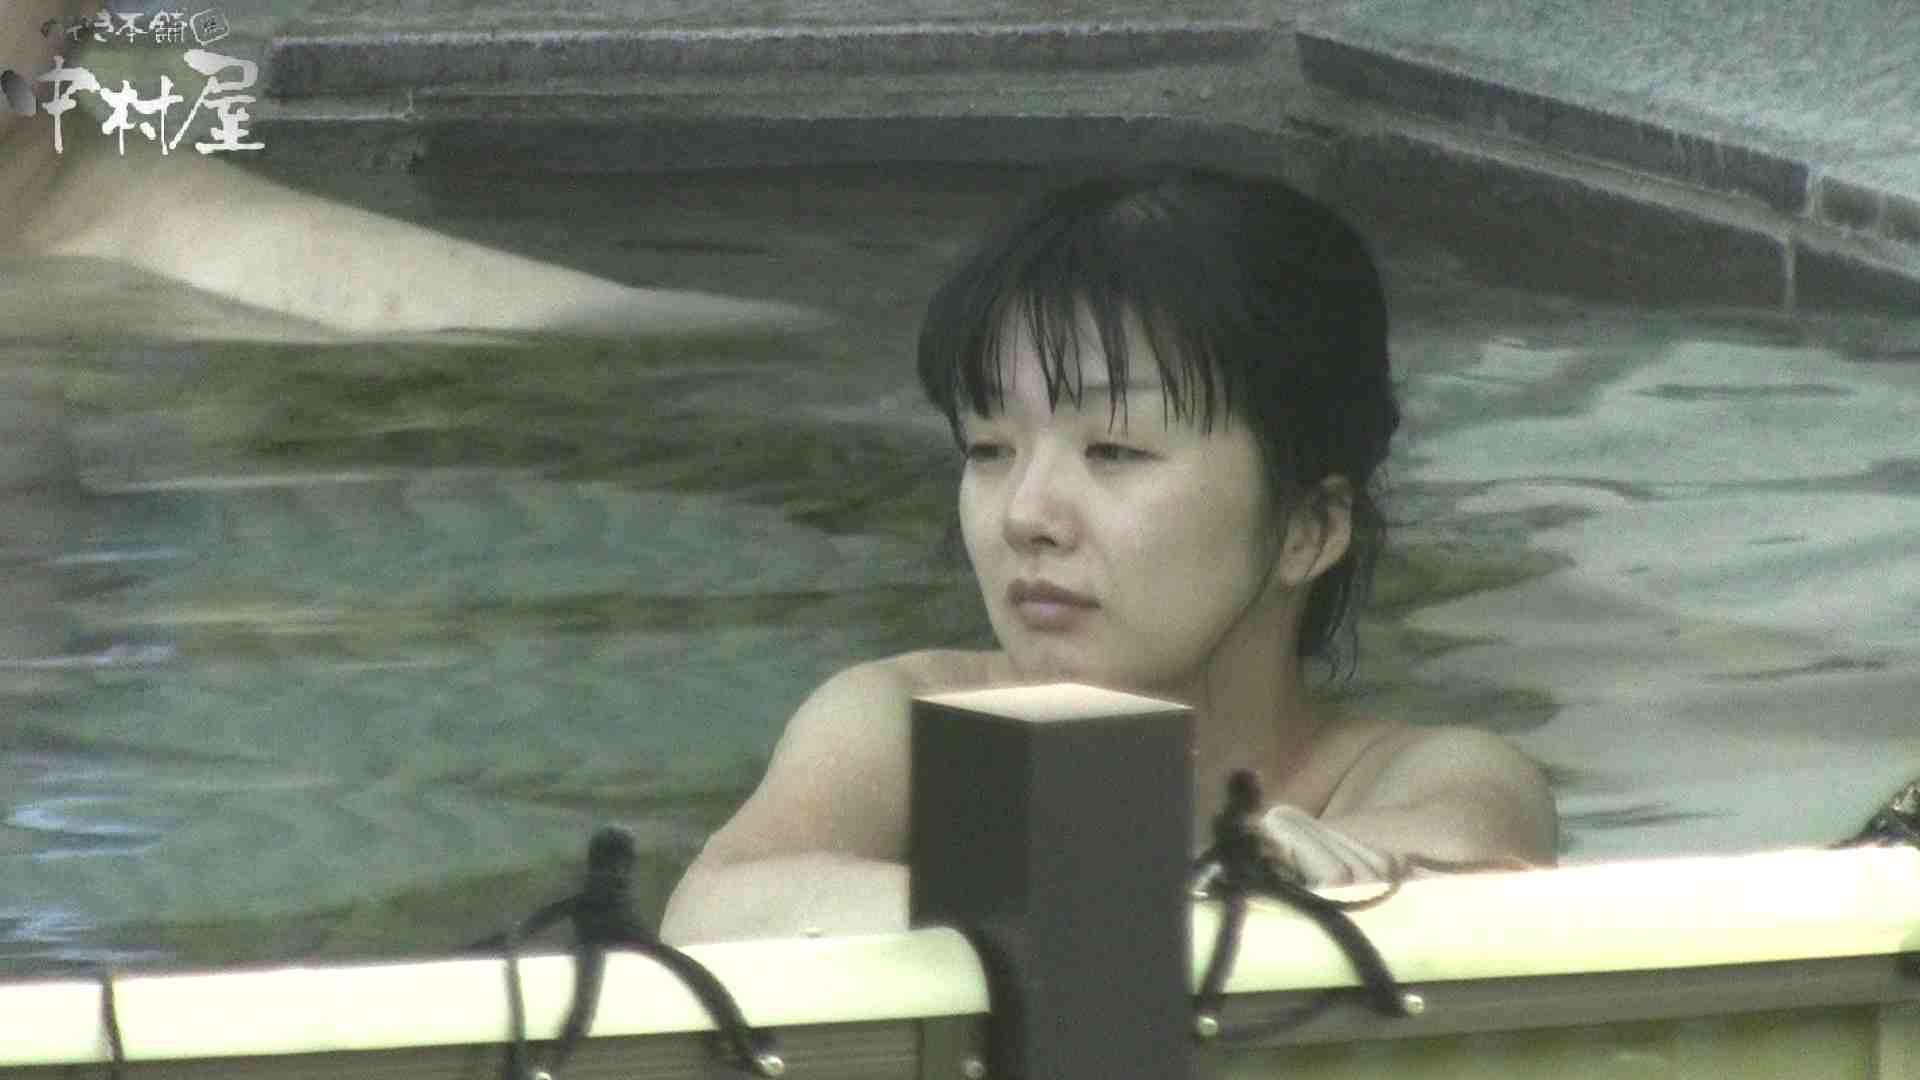 Aquaな露天風呂Vol.904 OLのエロ生活   盗撮  56連発 22